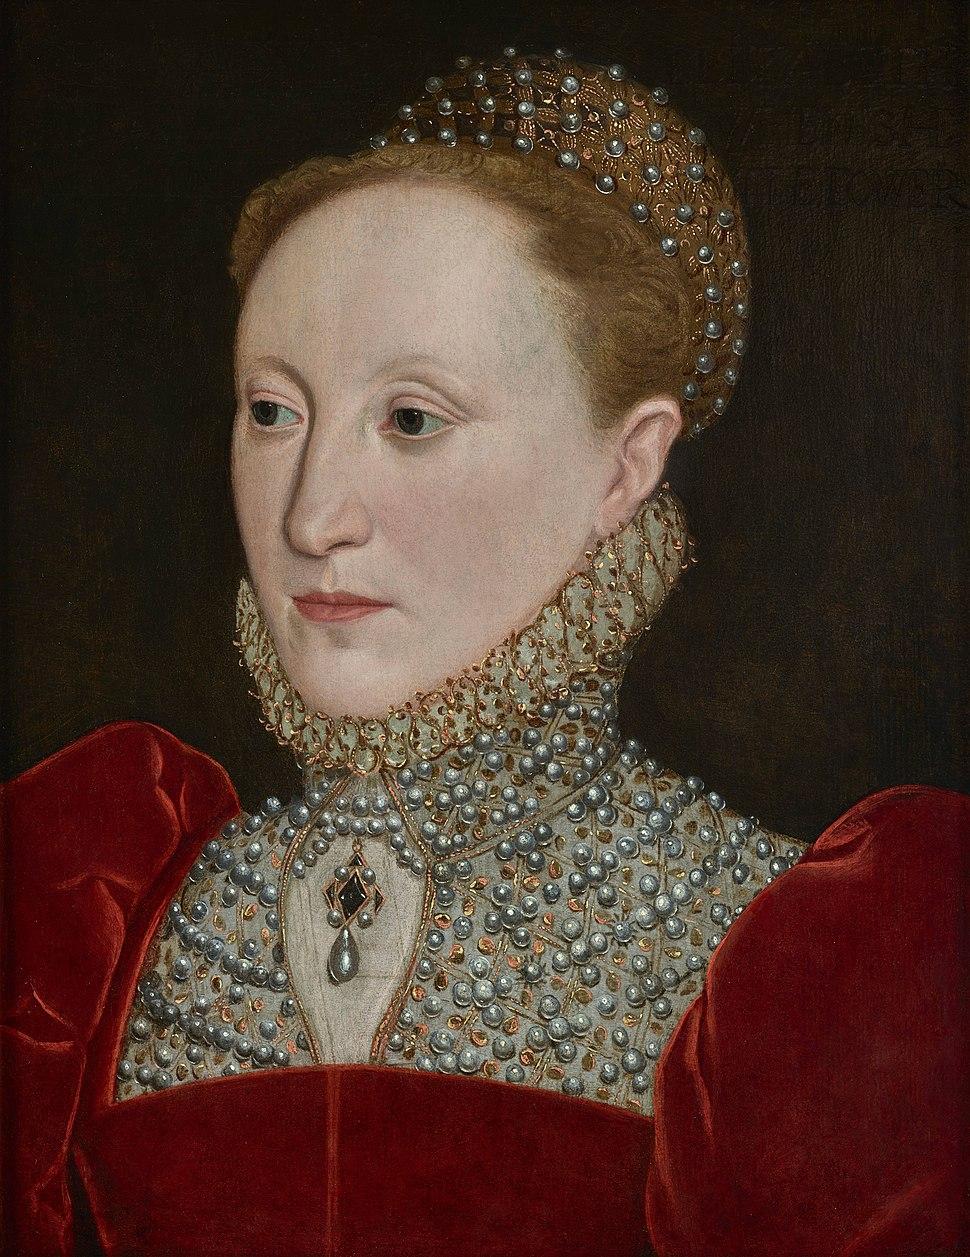 English School, circa 1560s, Elizabeth I of England